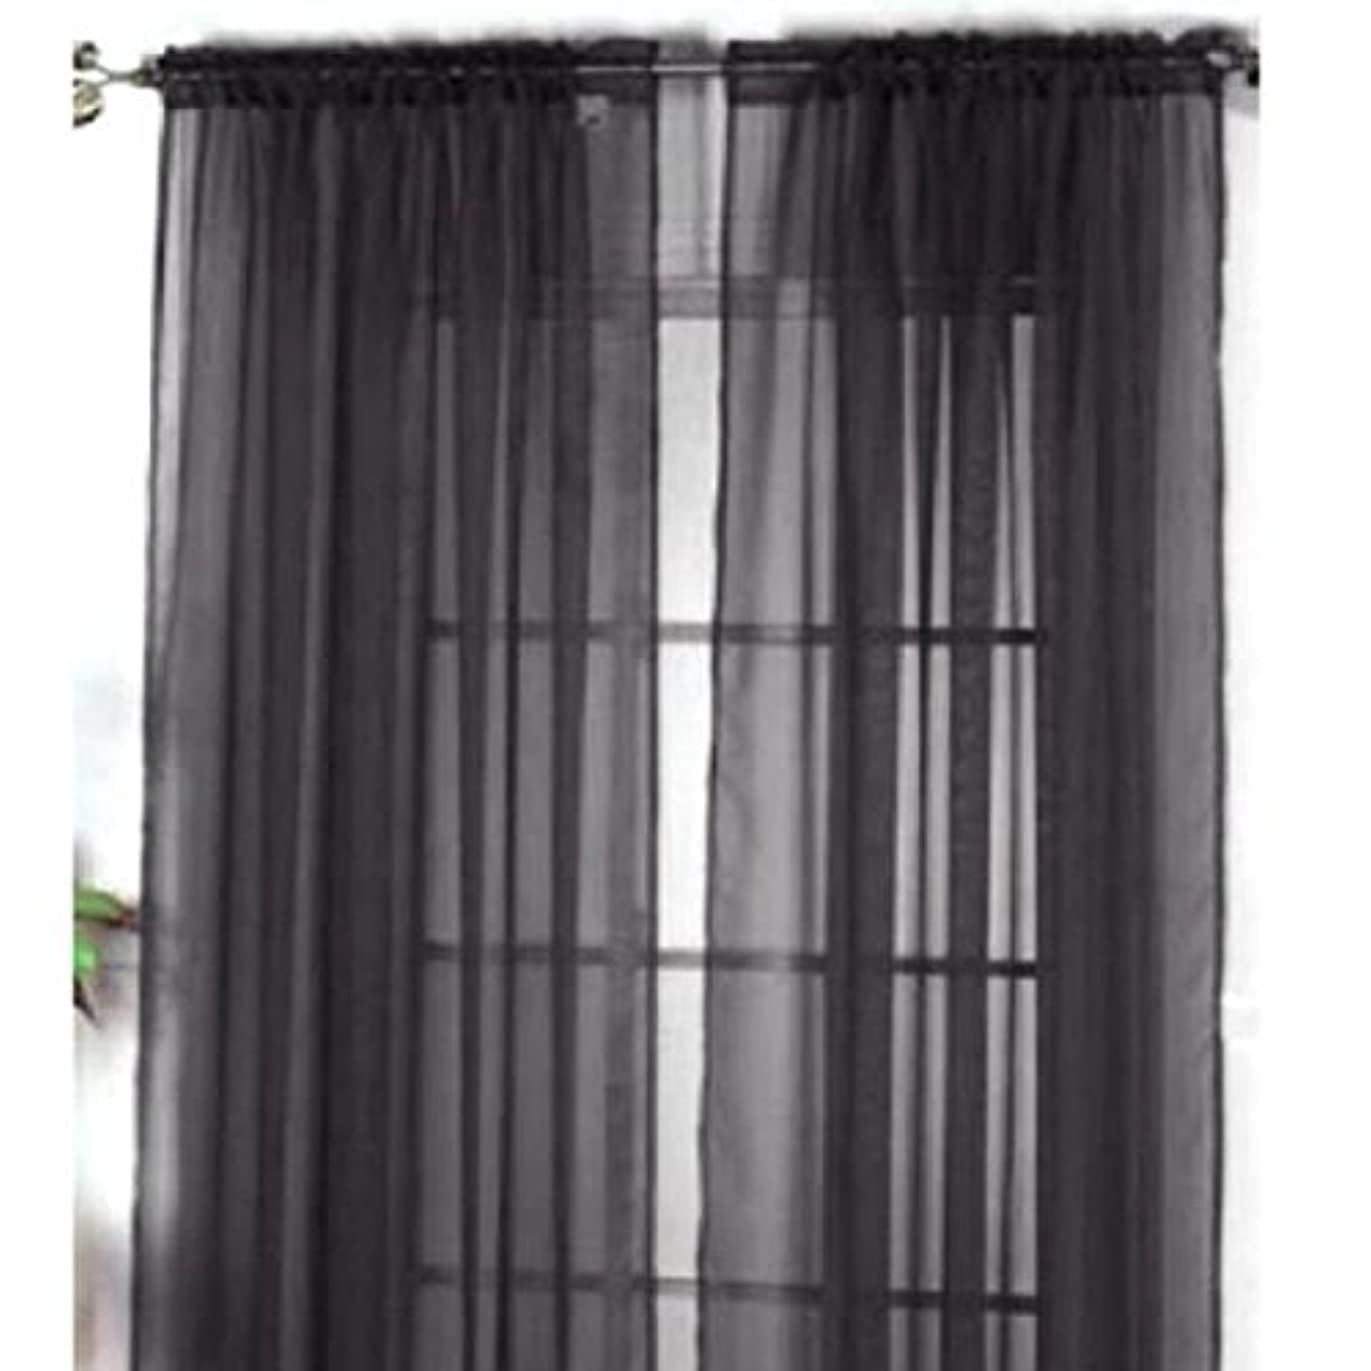 ウィンク細部割り当てるHomyl 2枚入り 薄手 窓 ドア カーテン パネル ドレープ チュール ルーム バルコニー デバイダ 黒 100x200cm